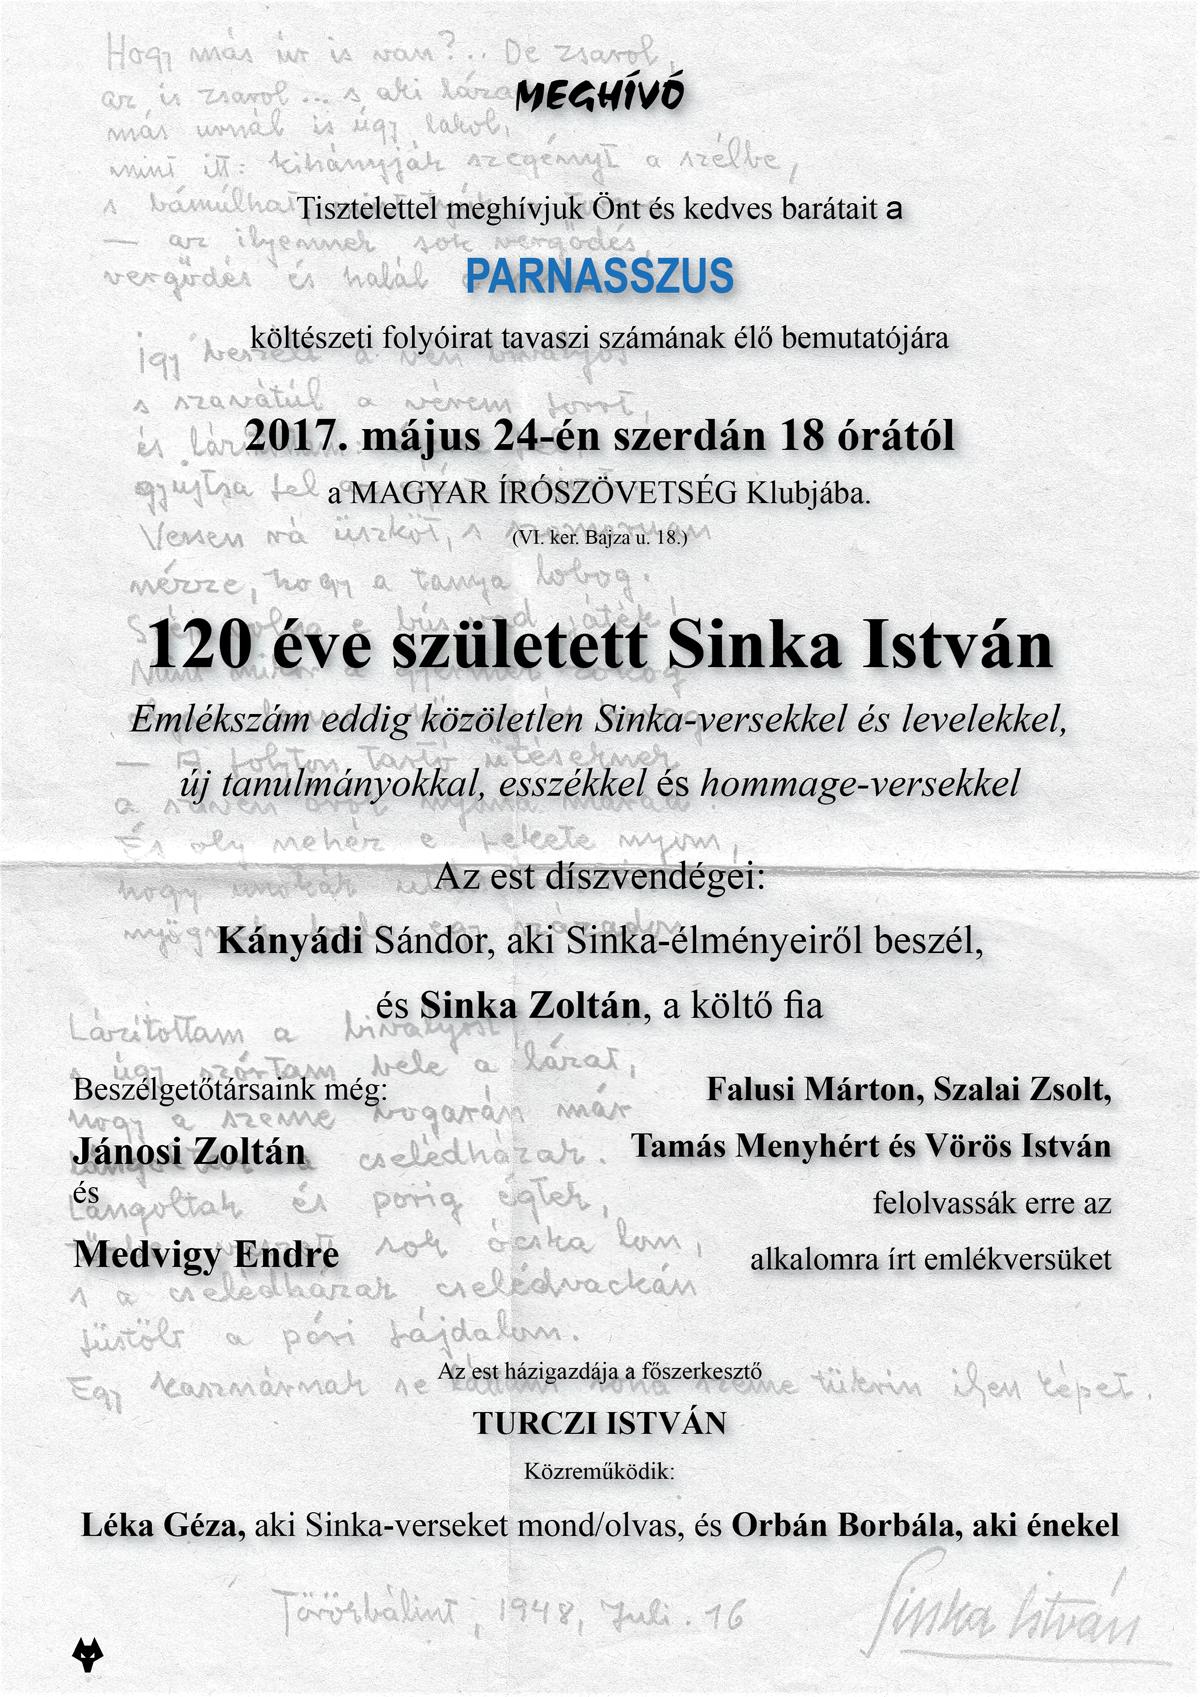 Sinka_meghivo